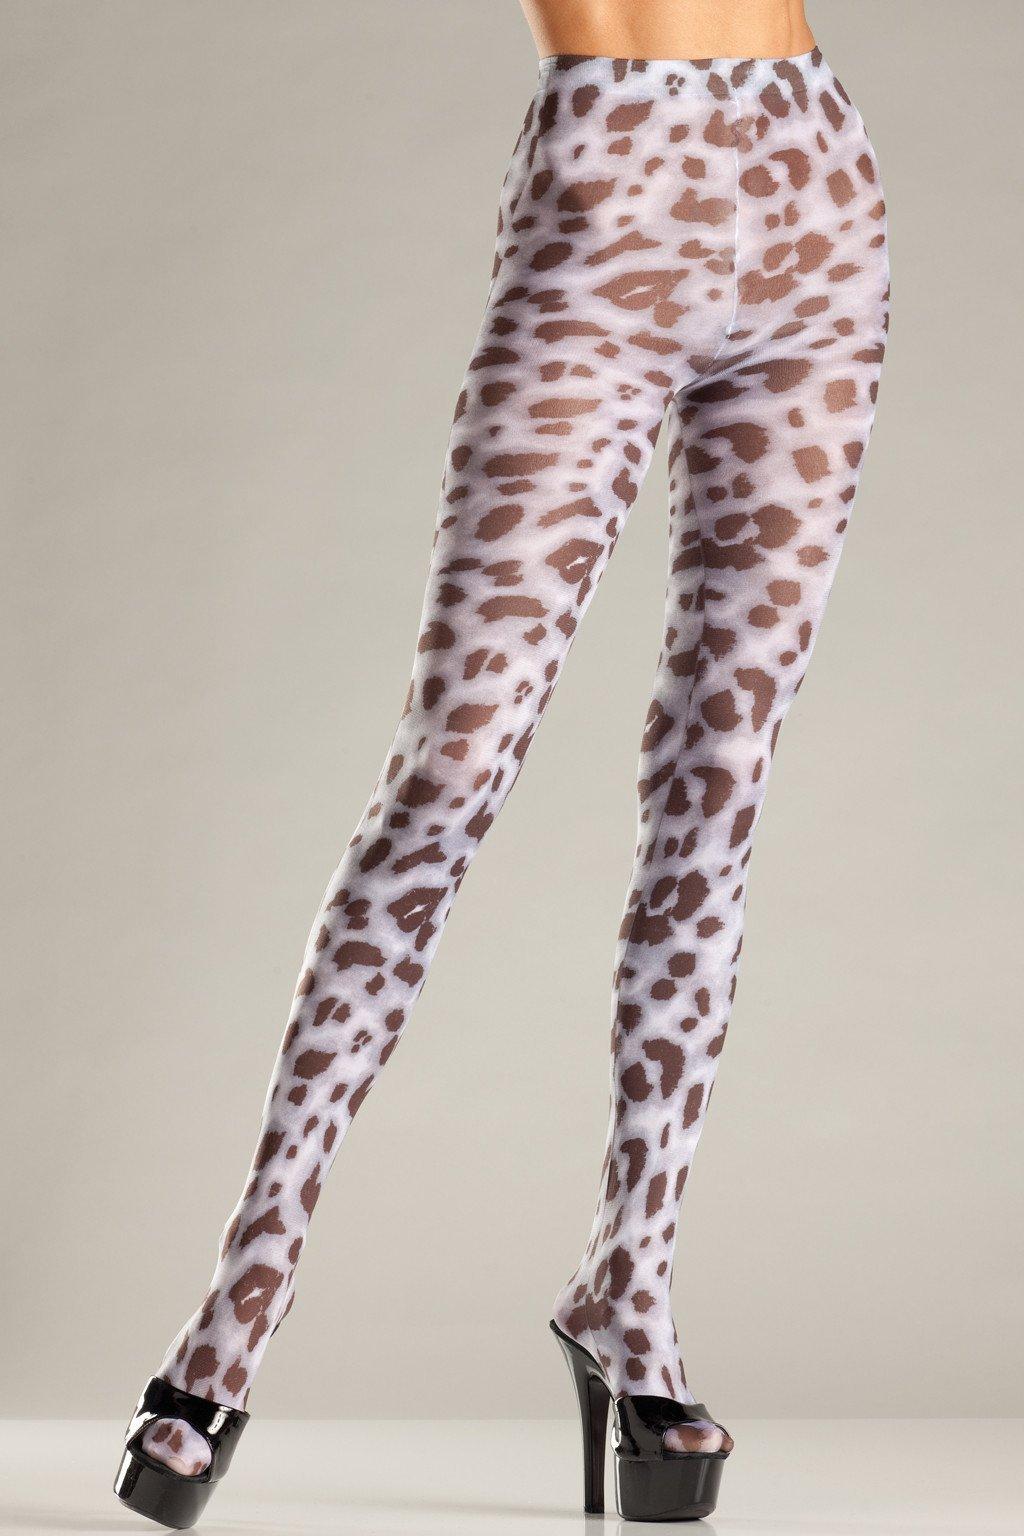 31472625c79 Animal Print Pantyhose. Animal Print Pantyhose Thigh High ...